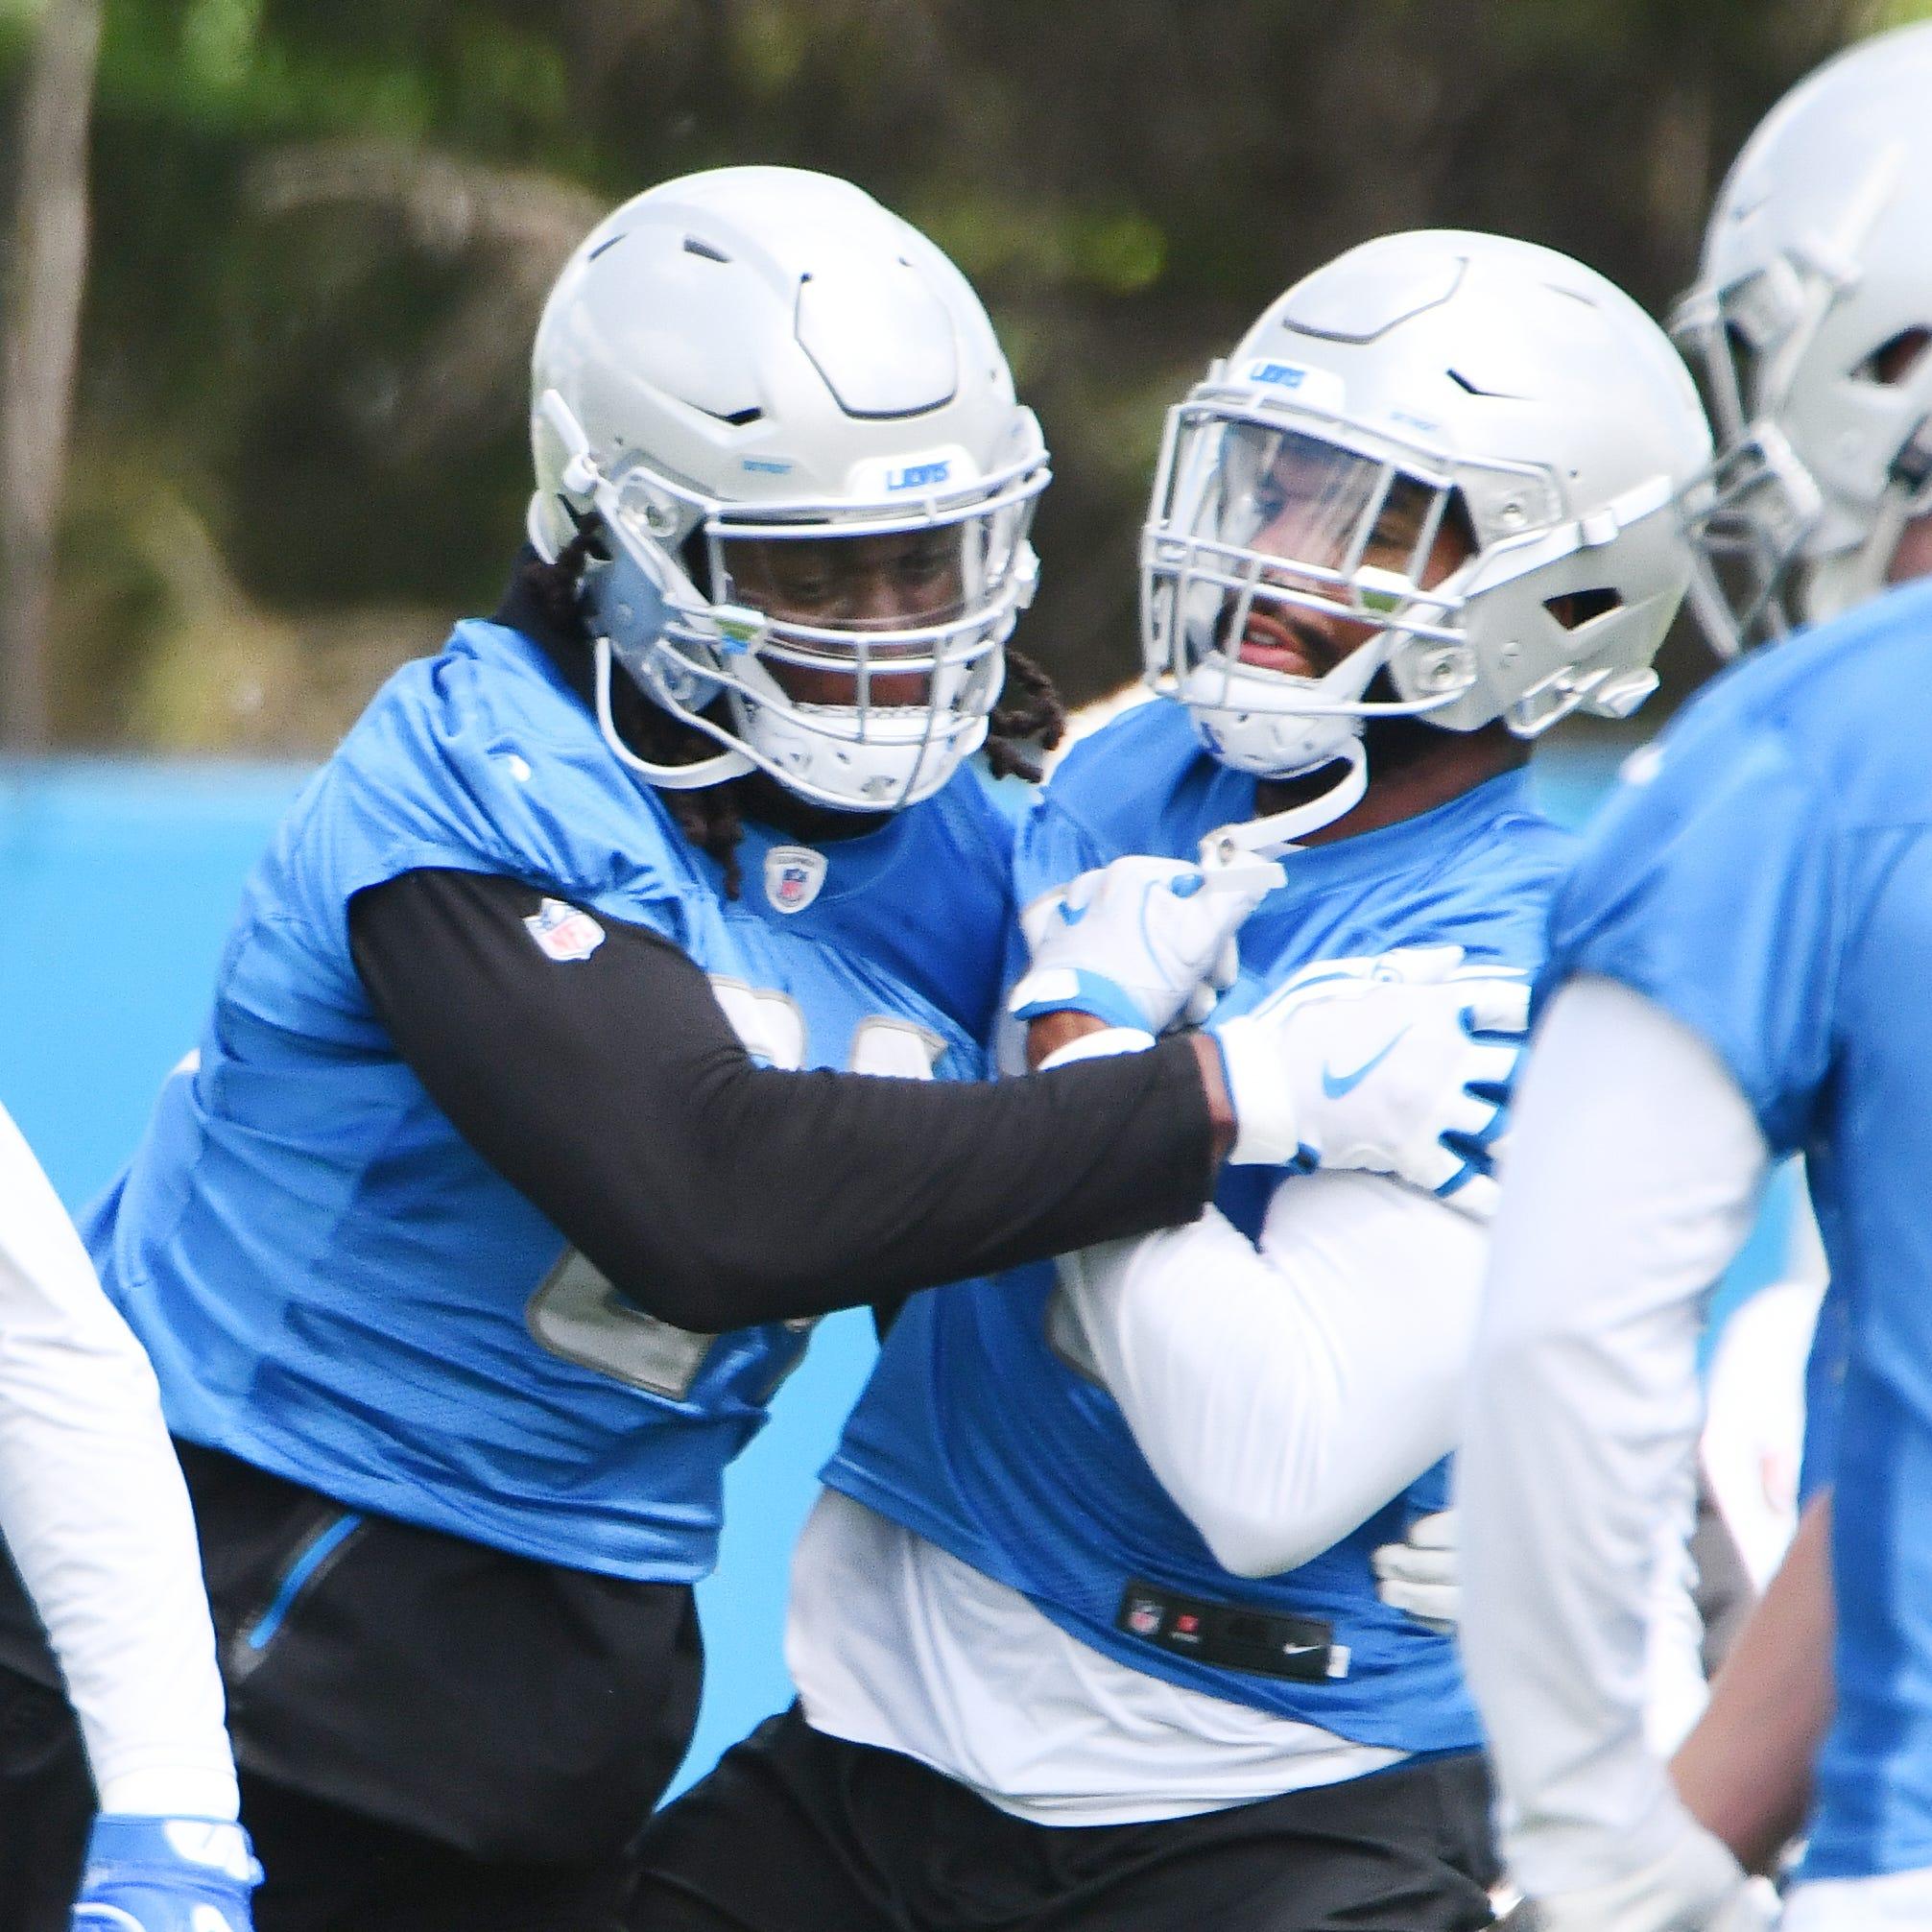 Lions prepping Ziggy Ansah for versatile defensive role